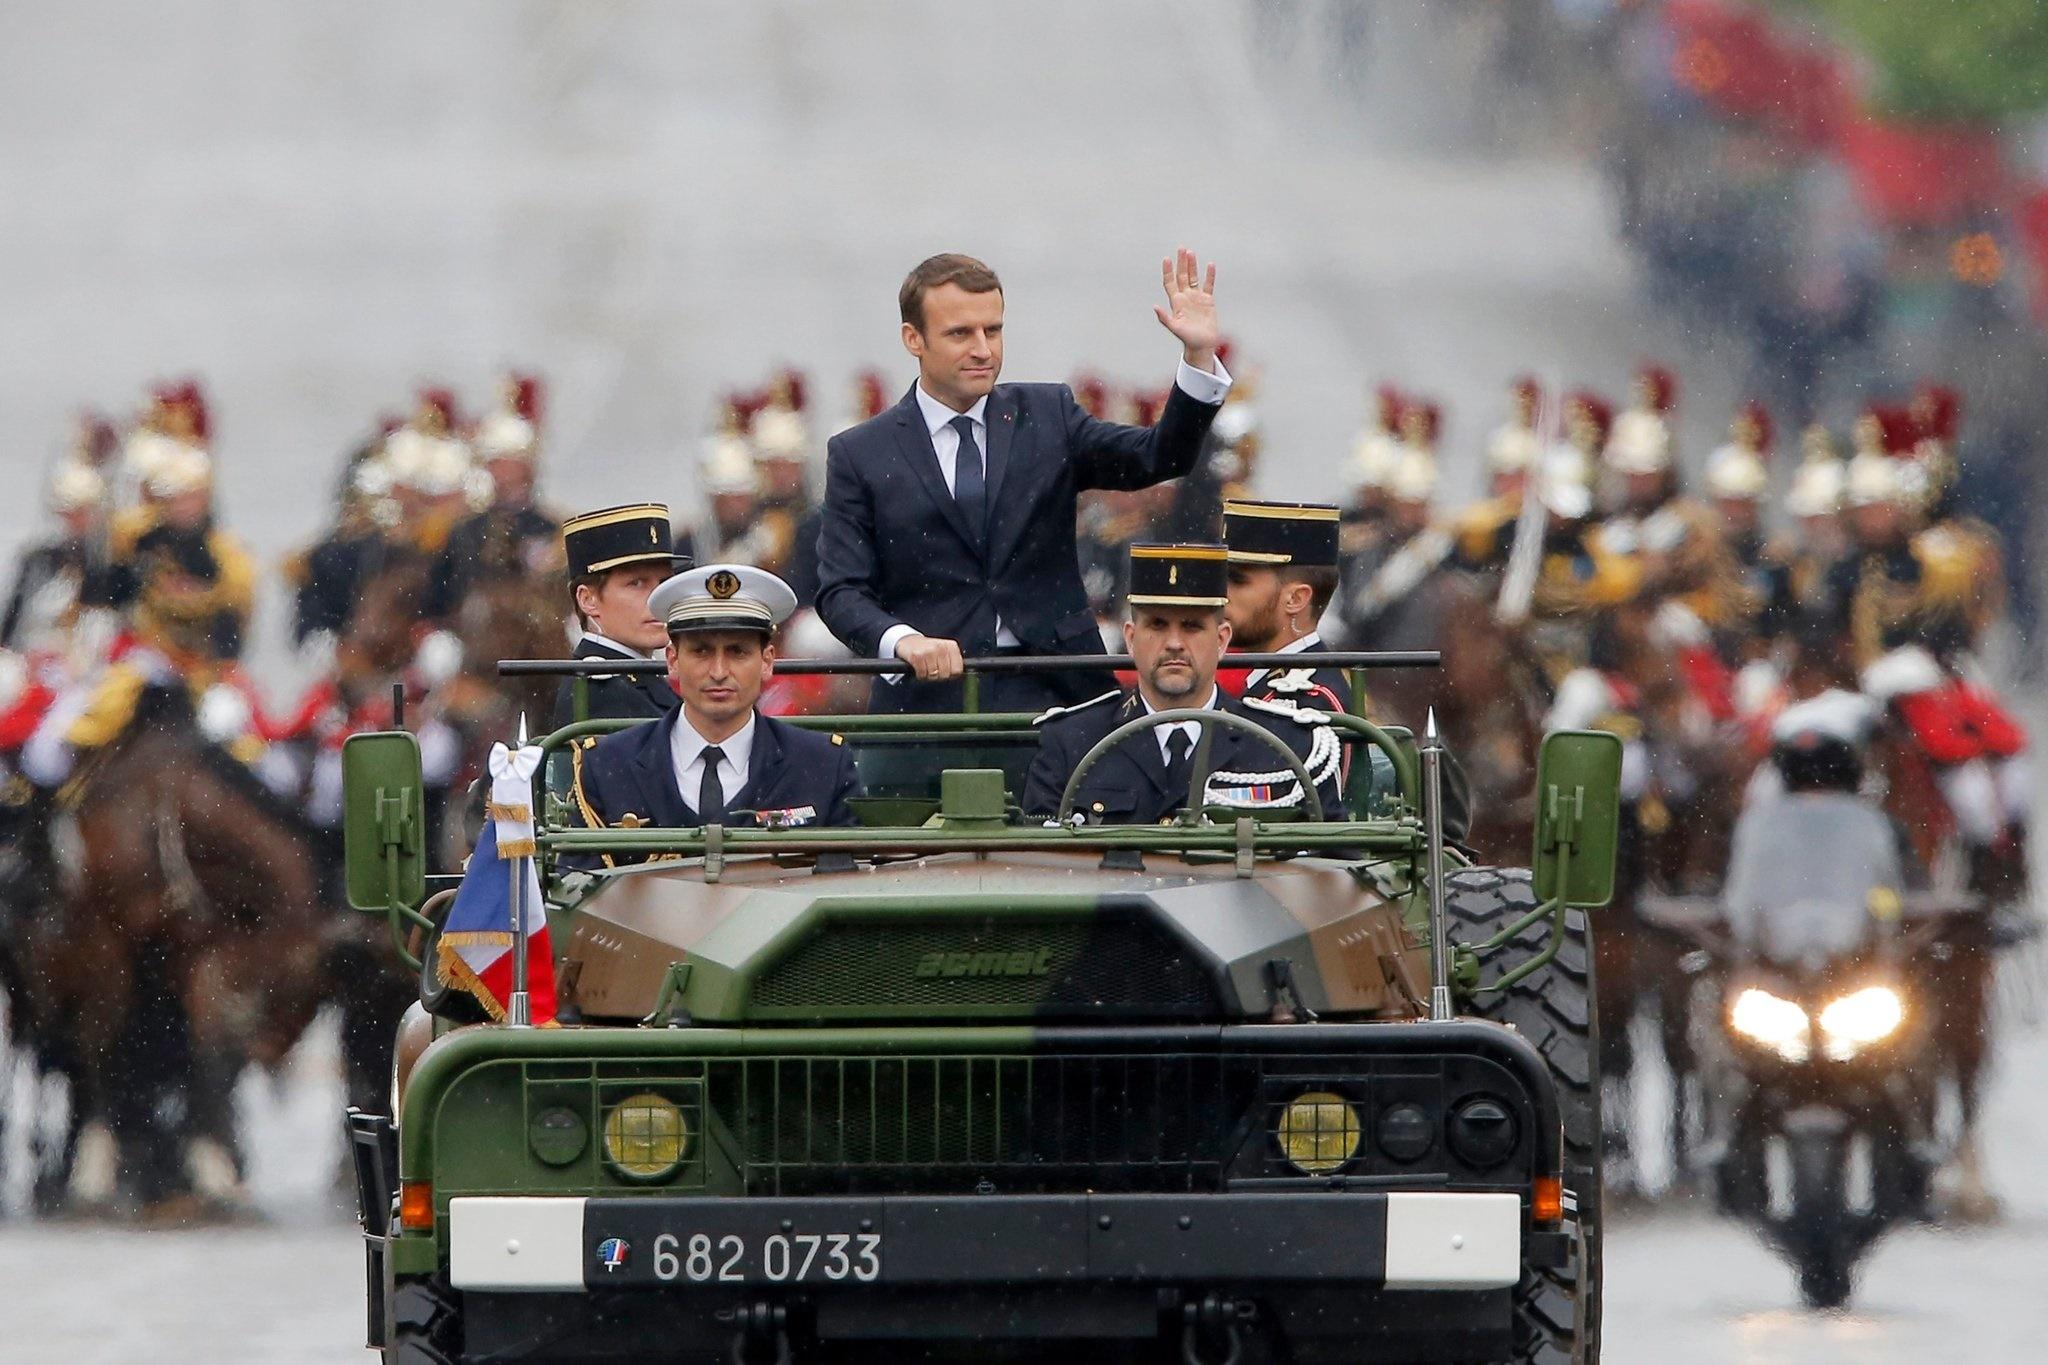 تصاویر   خودرویی که رئیسجمهور فرانسه را از مراسم تحلیف به خیابانها آورد